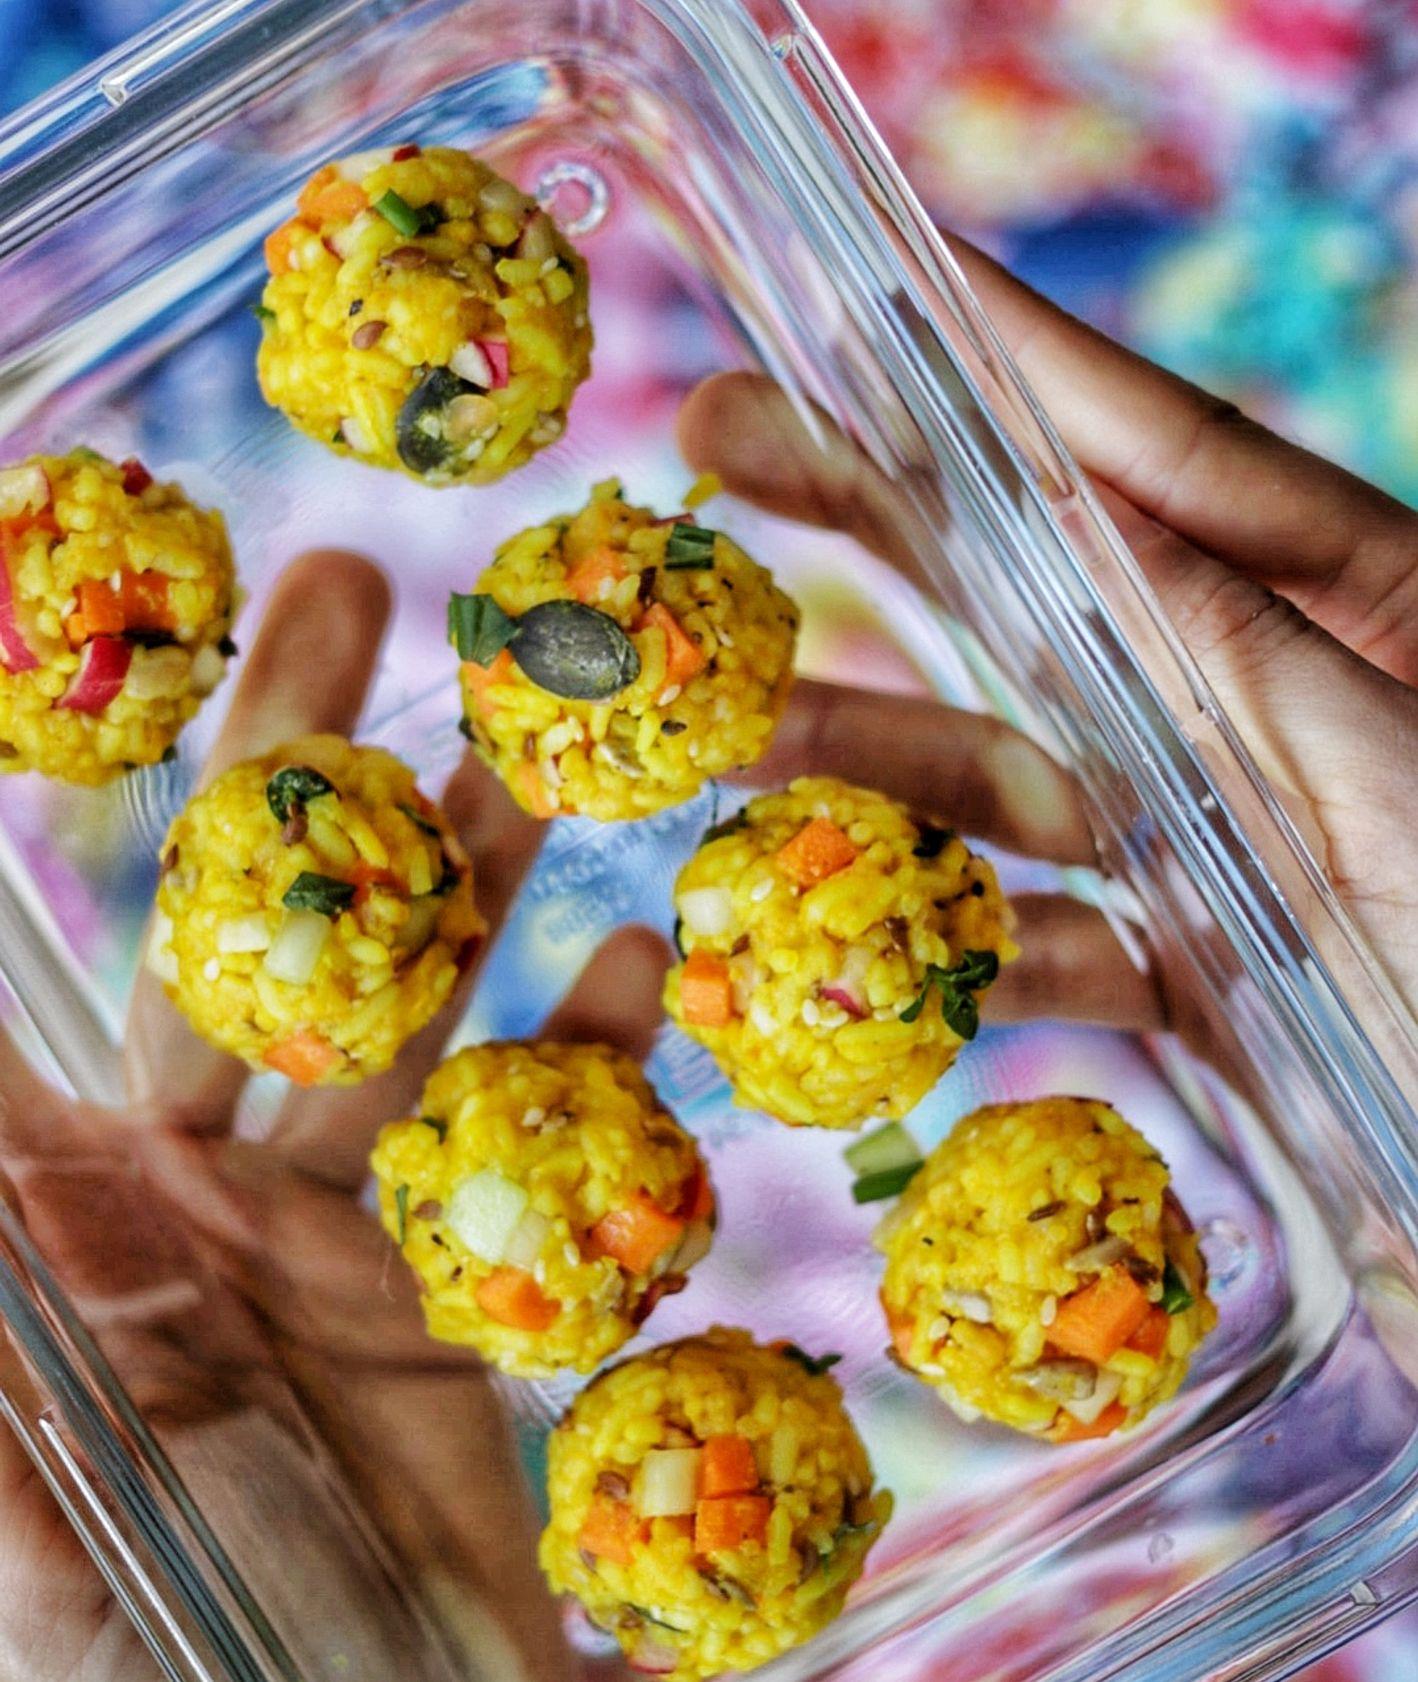 Przepis na słoneczne kulki z ryżem, jak zrobić kulki ryżowe z kurkumą i dynią, Ania Dobra Kulka (fot. Ania Dobra Kulka)